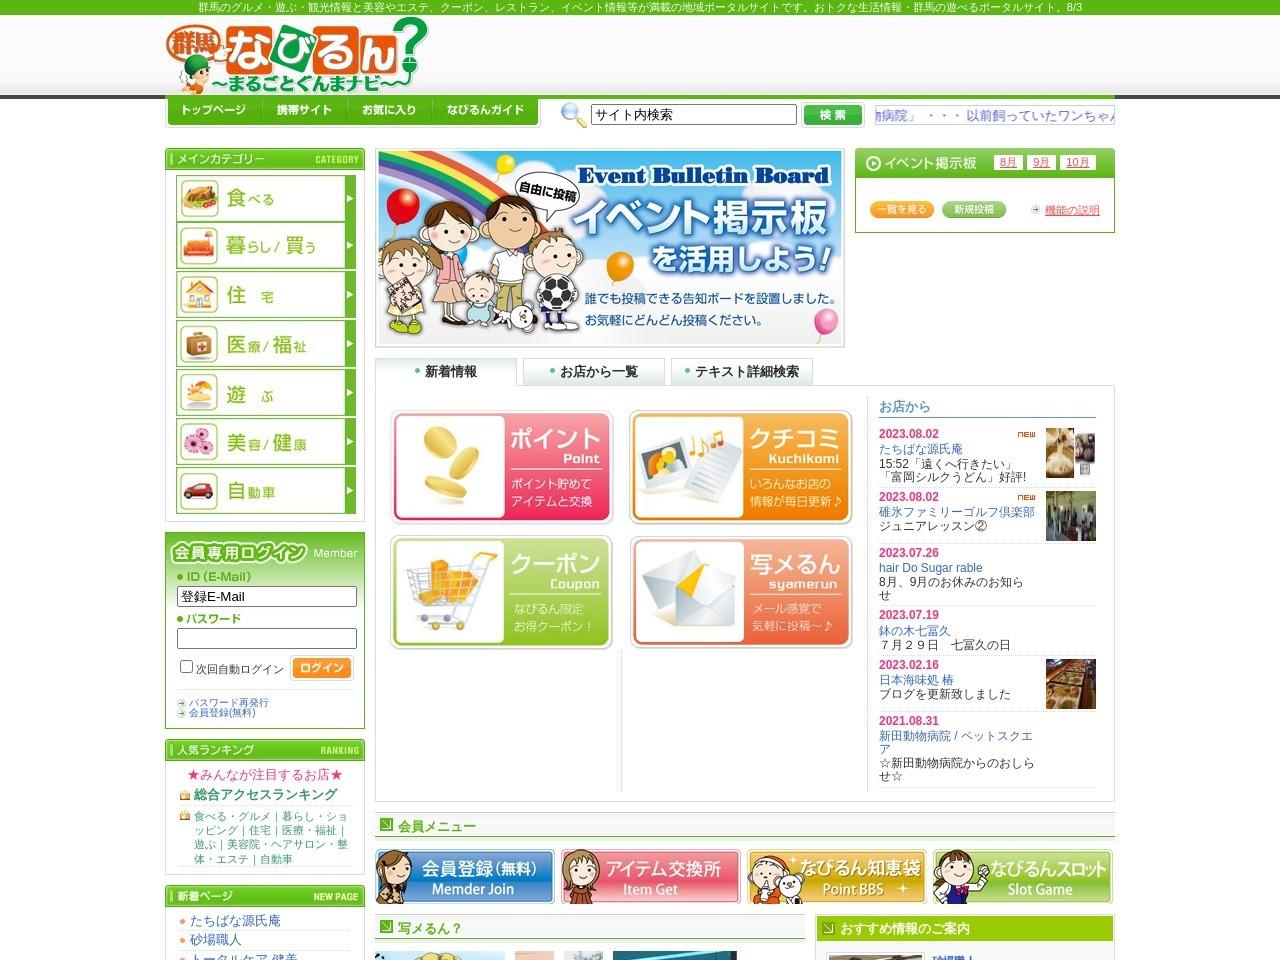 群馬なびるんのグルメ・イベント情報・ペット・動物|ぐんま県で遊ぶ地域サイト